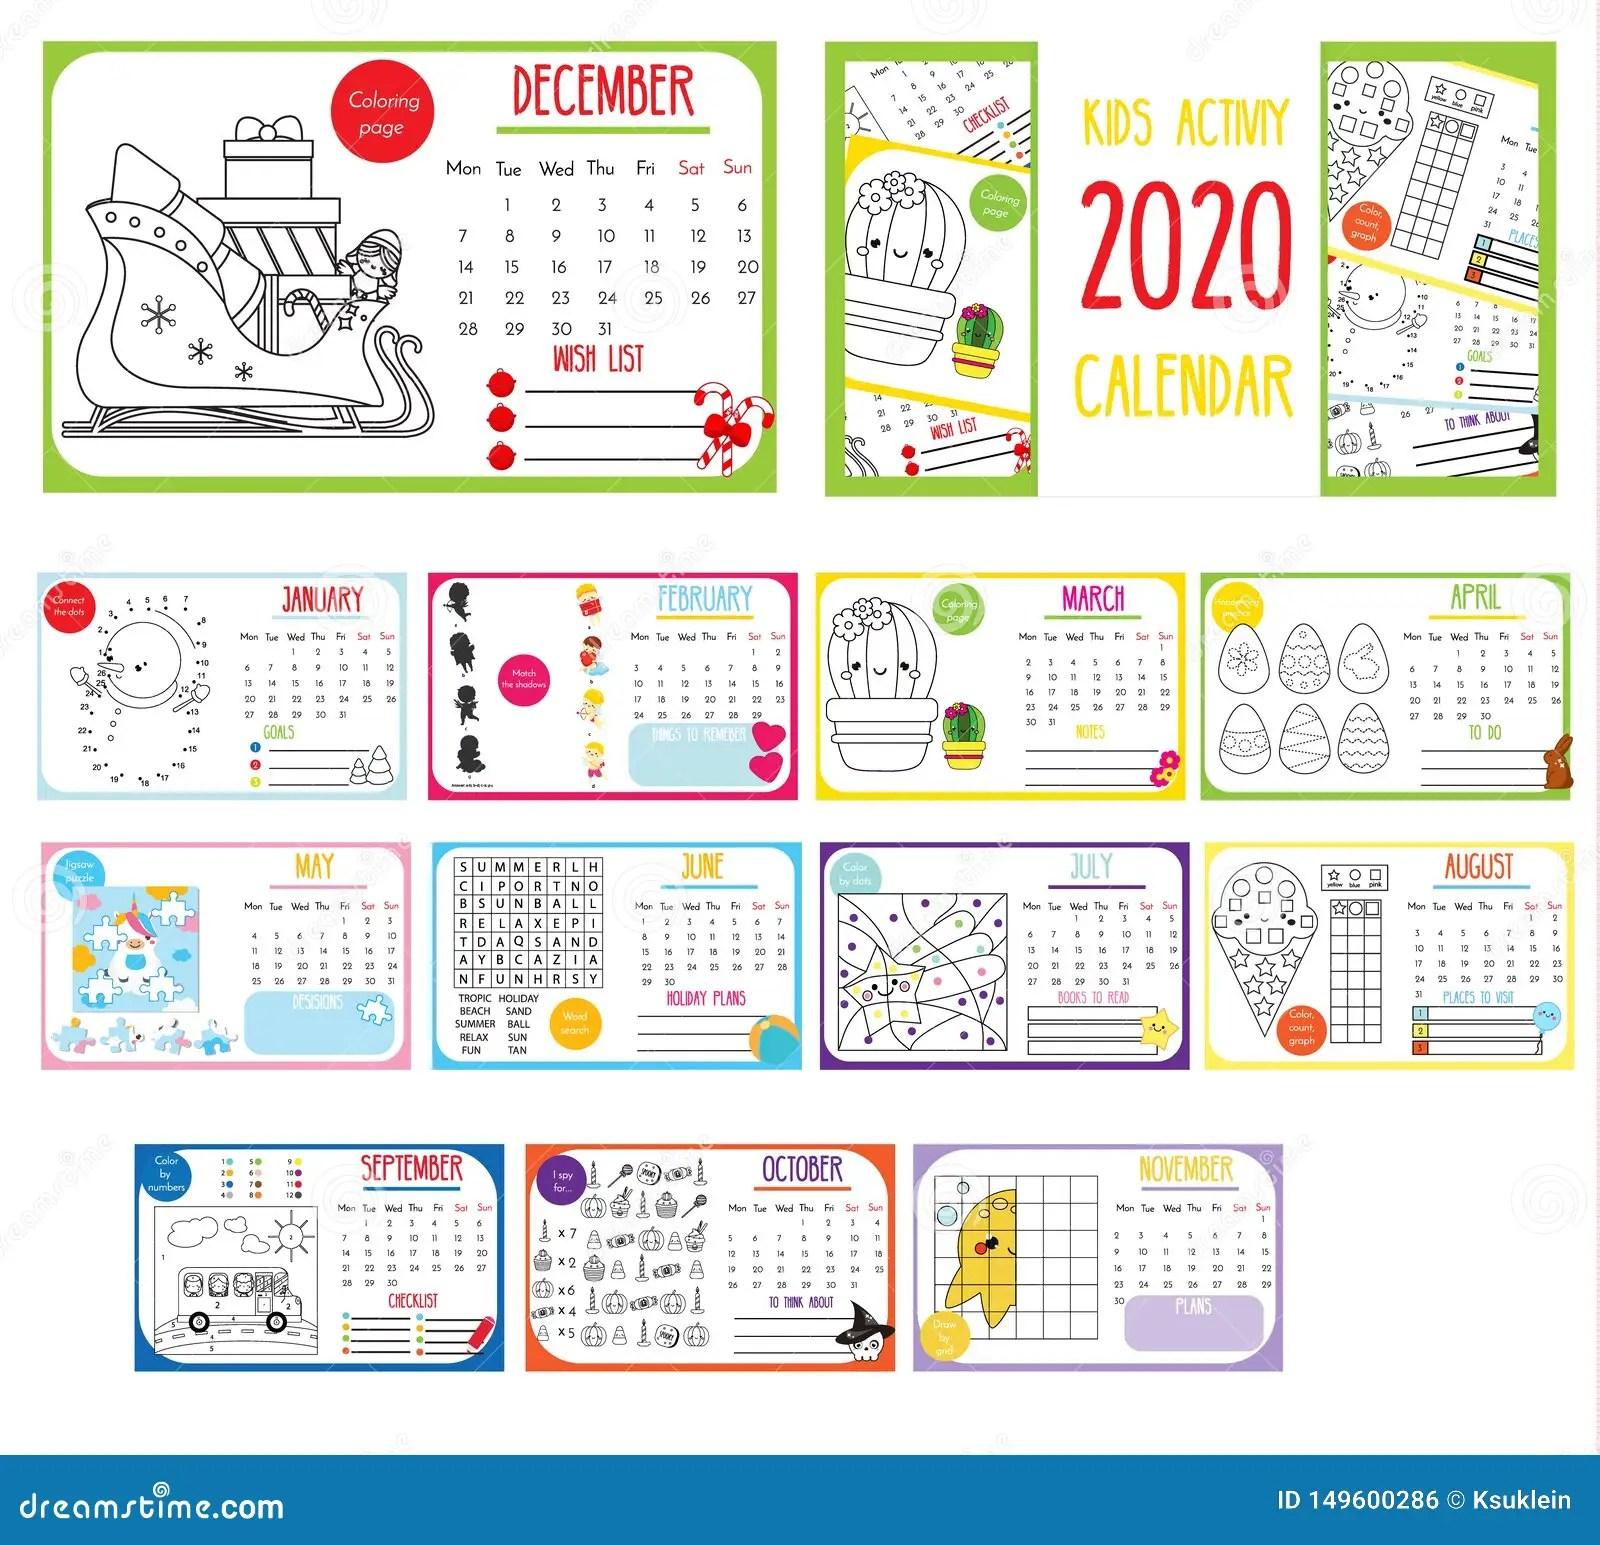 Kids Activity Calendar Annual Calendar With